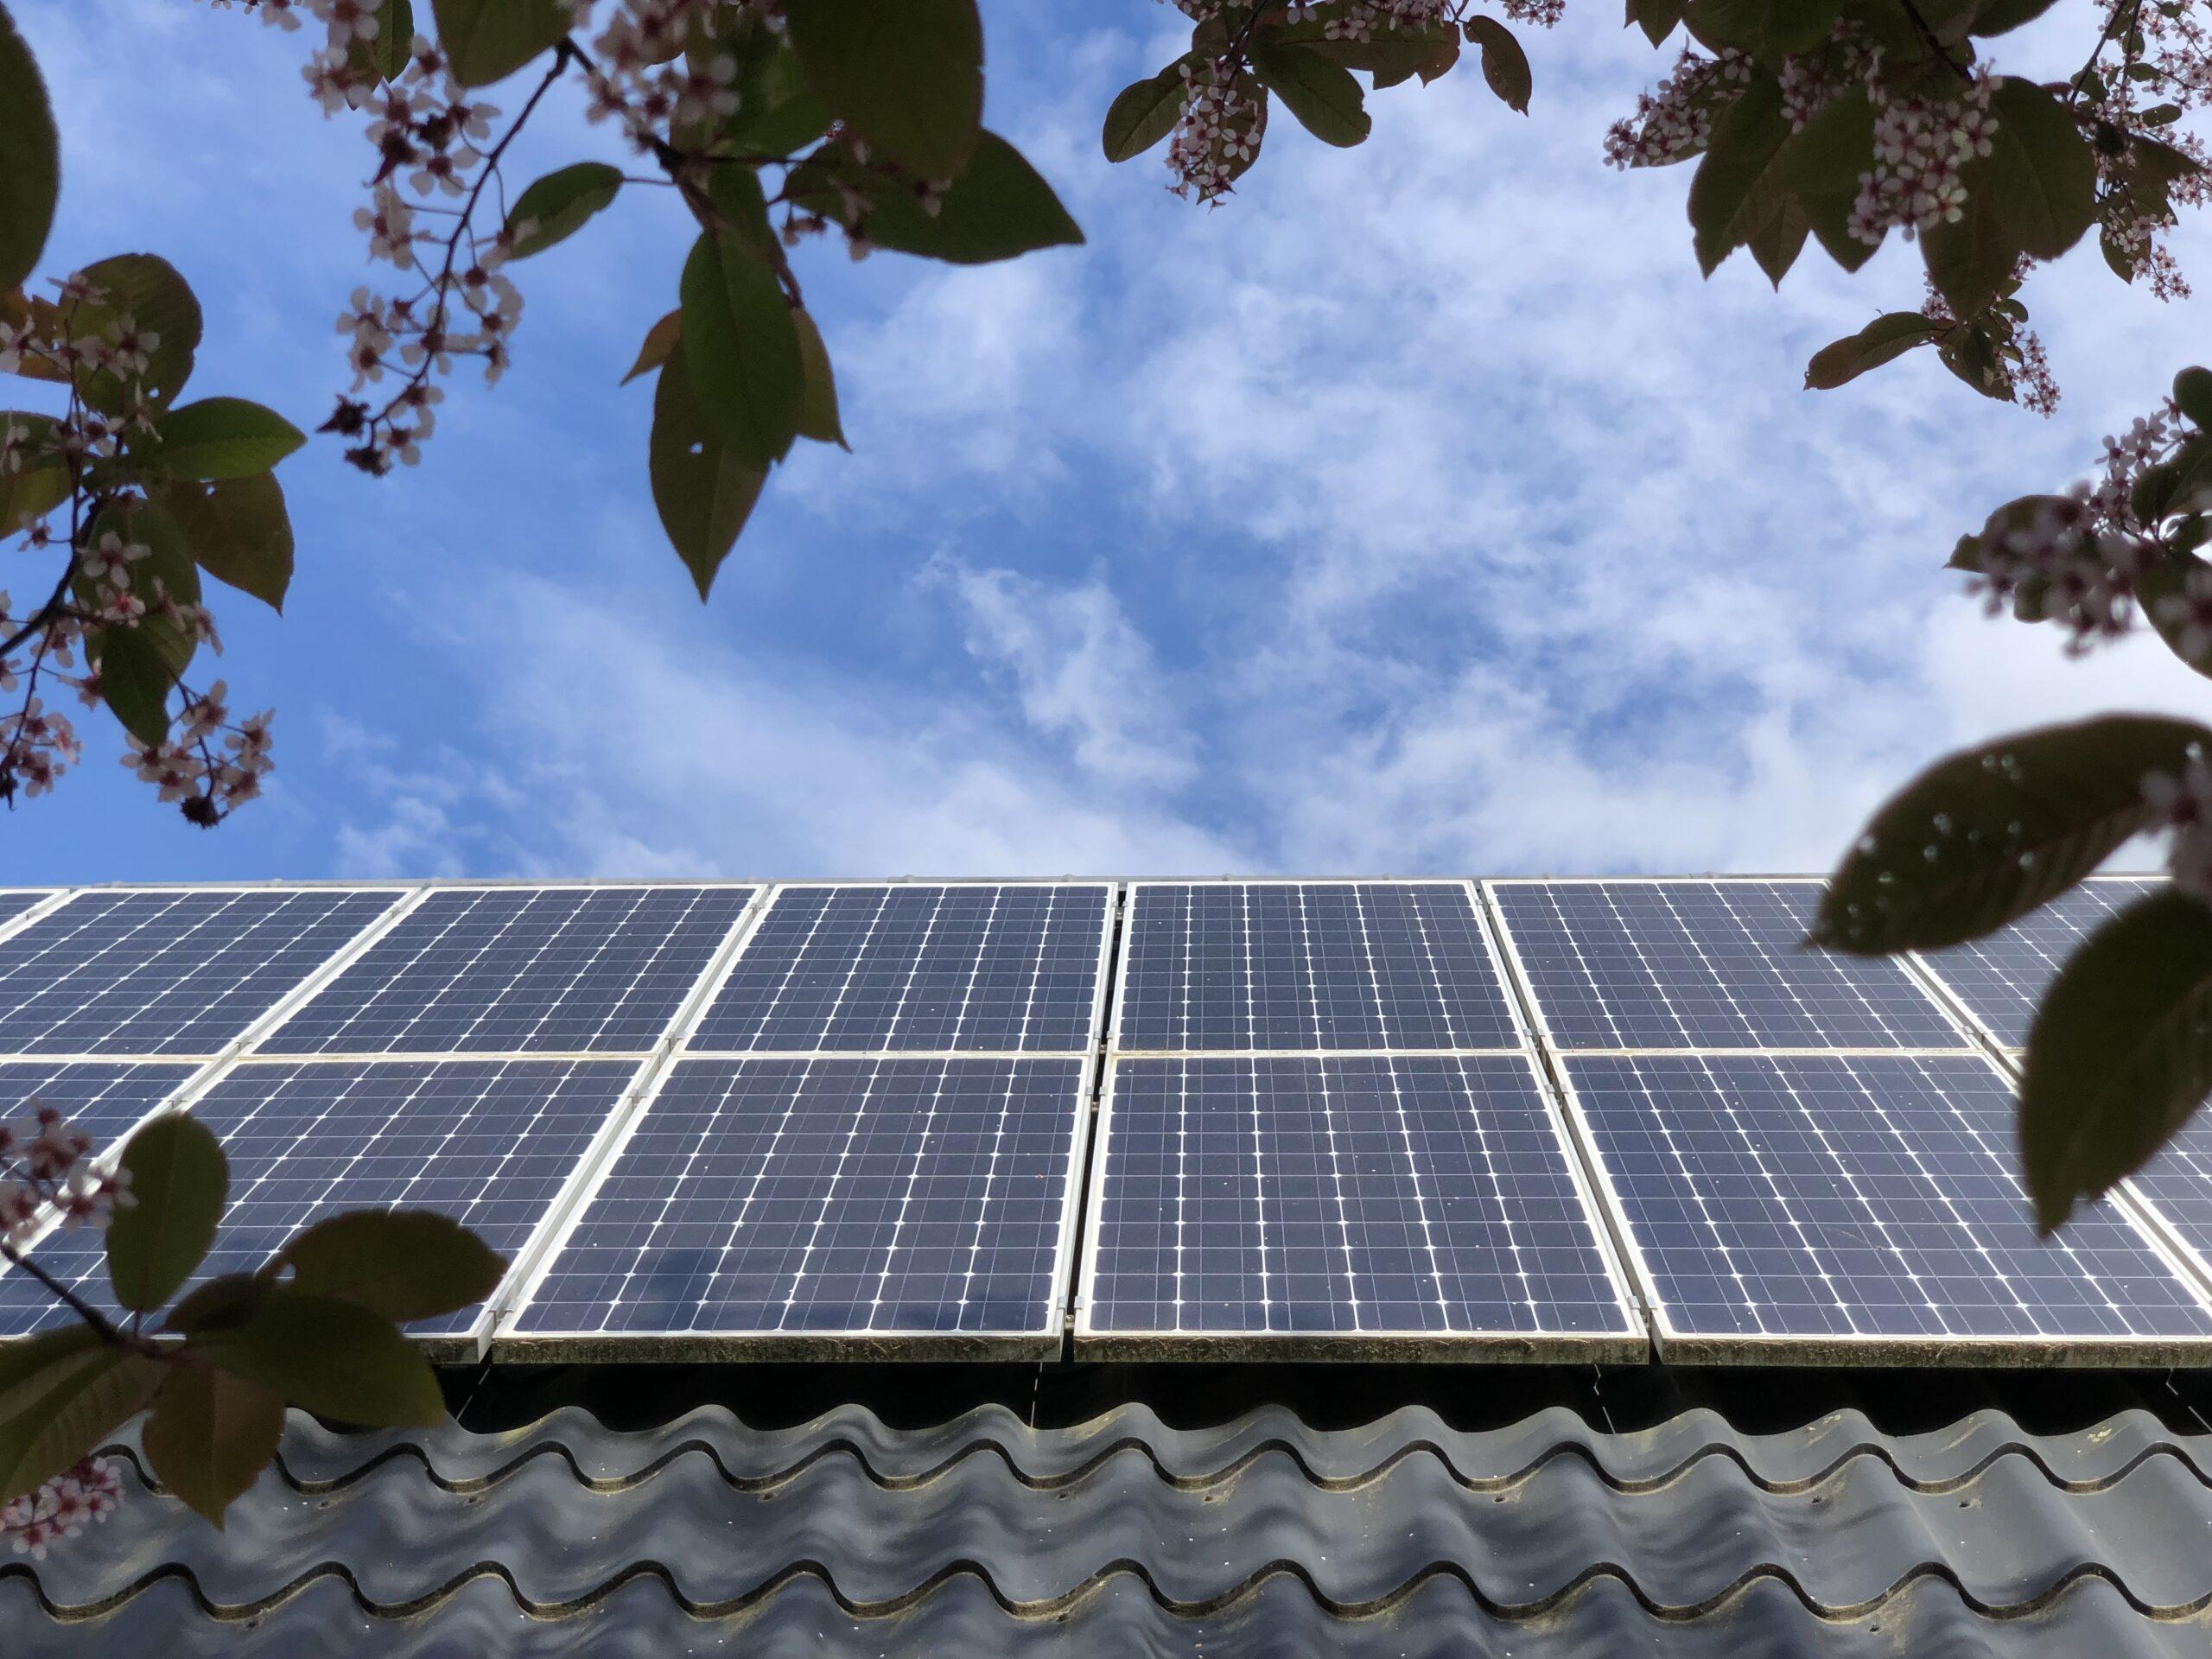 Den optimale temperatur for solceller er -5°C